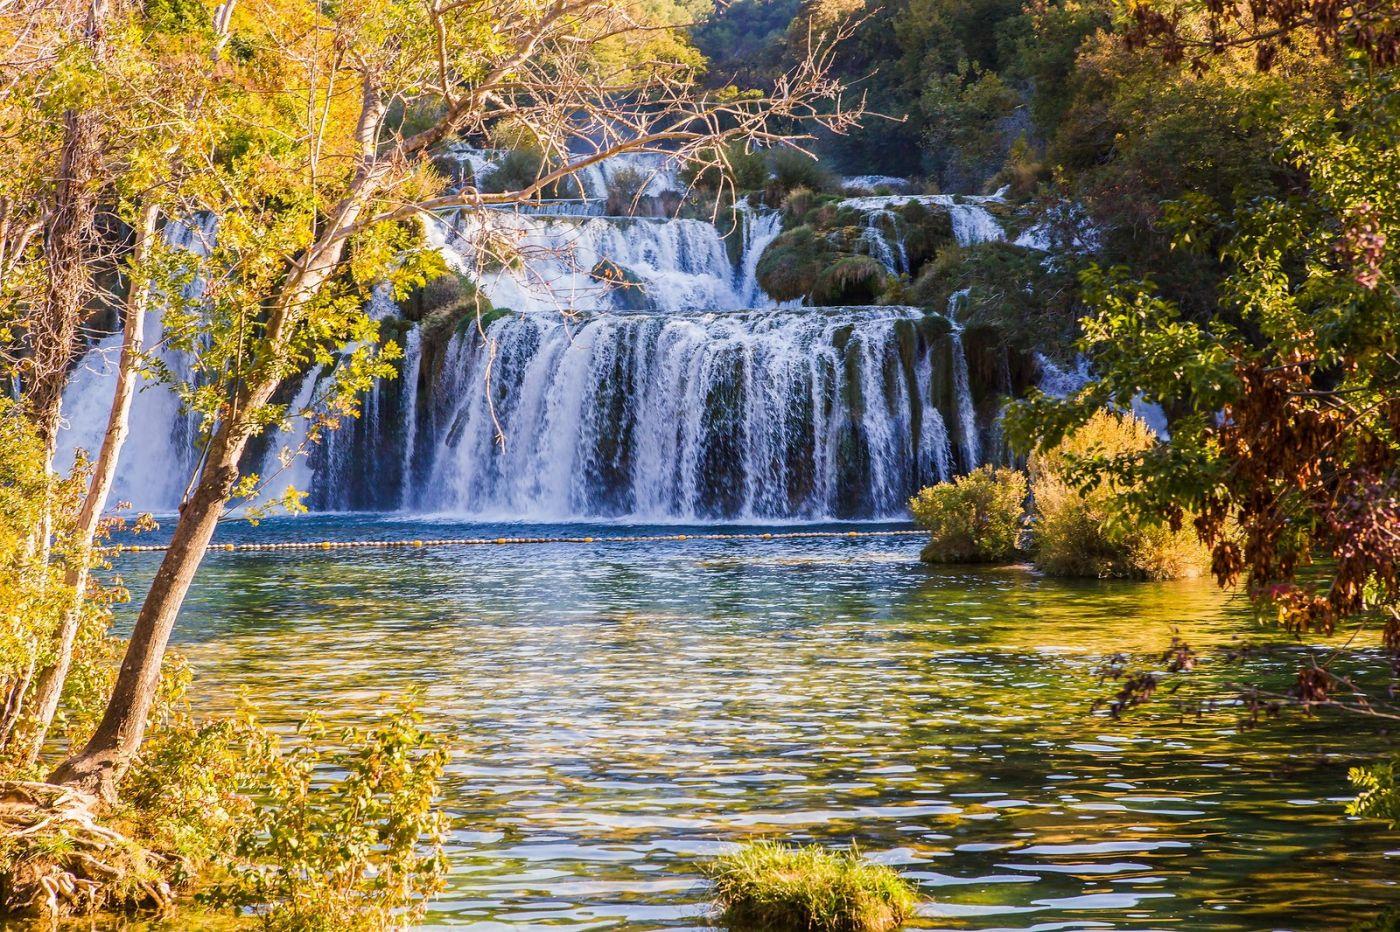 克罗地亚克尔卡国家公园(Krka National Park),瀑布瀑布瀑布_图1-14